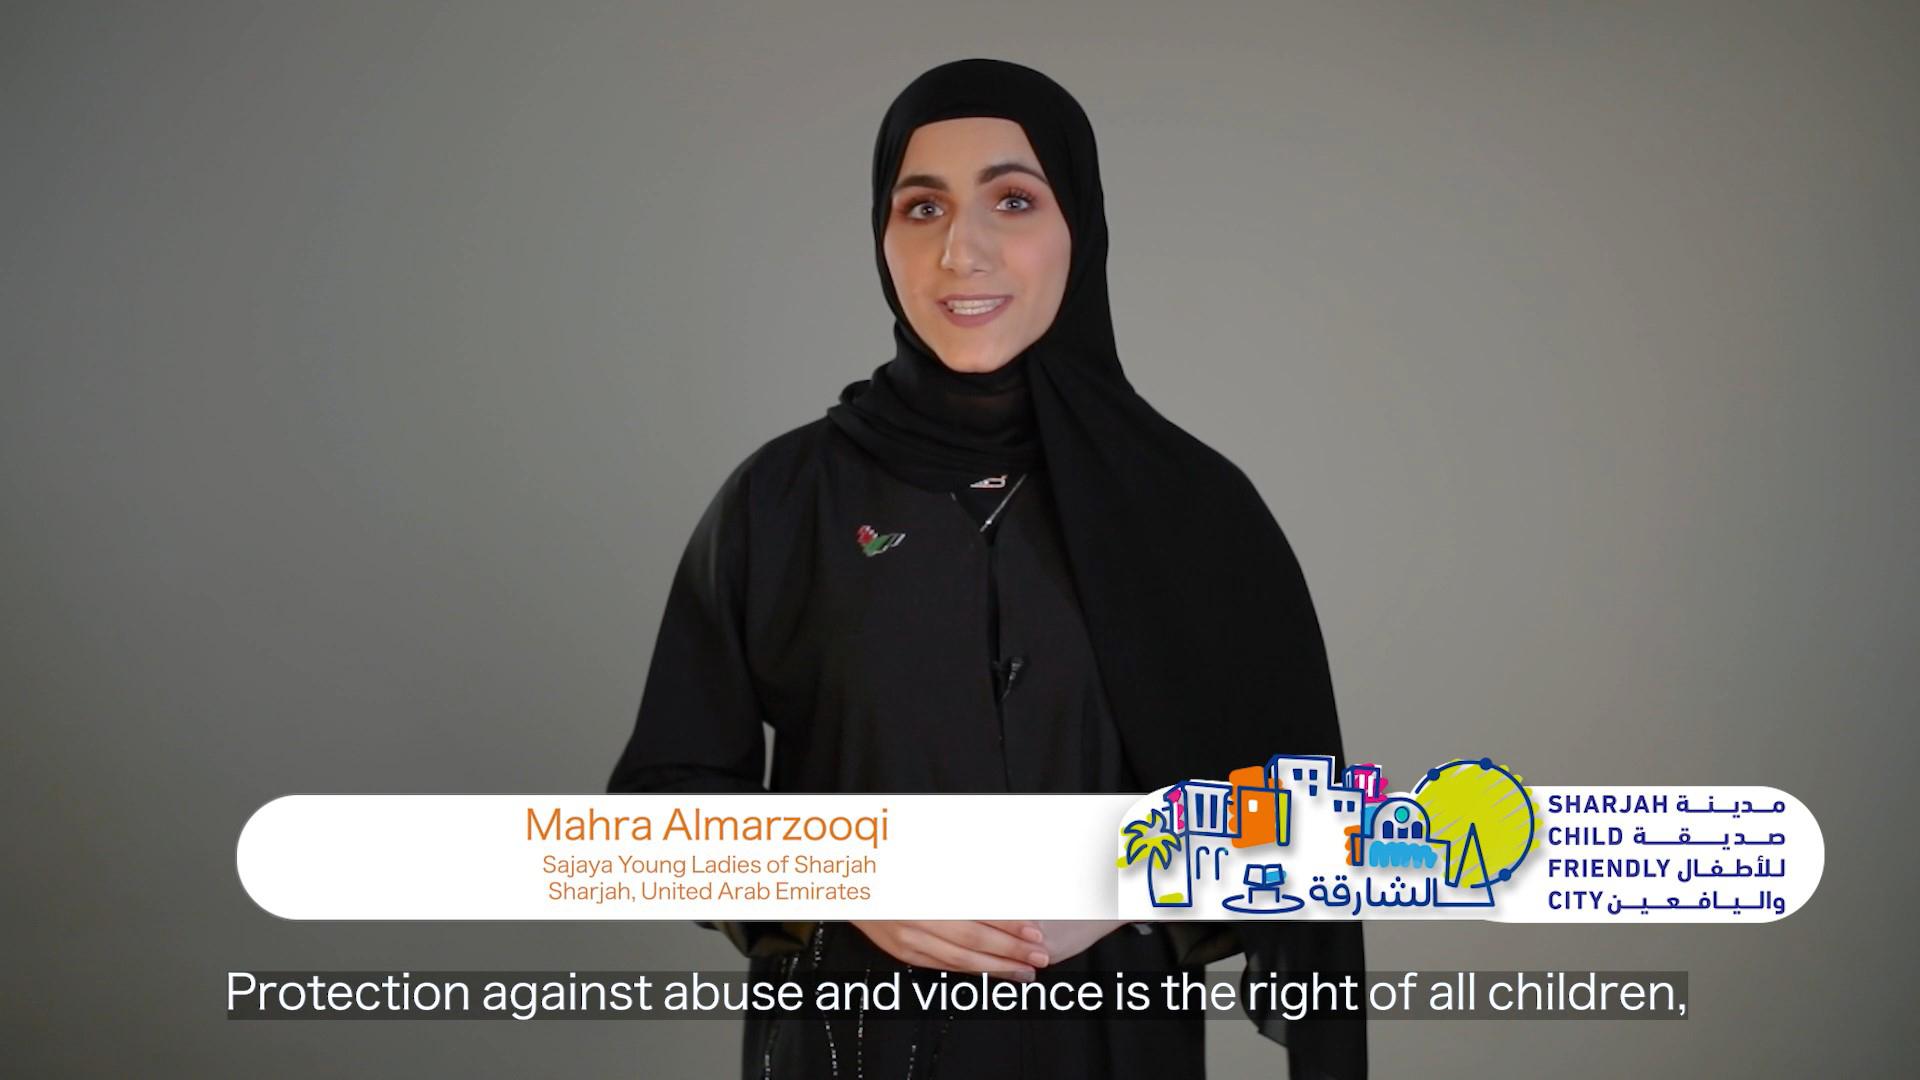 الشارقة تشارك في أول إعلان عالمي للأمم المتحدة حول حقوق الطفل في البيئة الرقمية